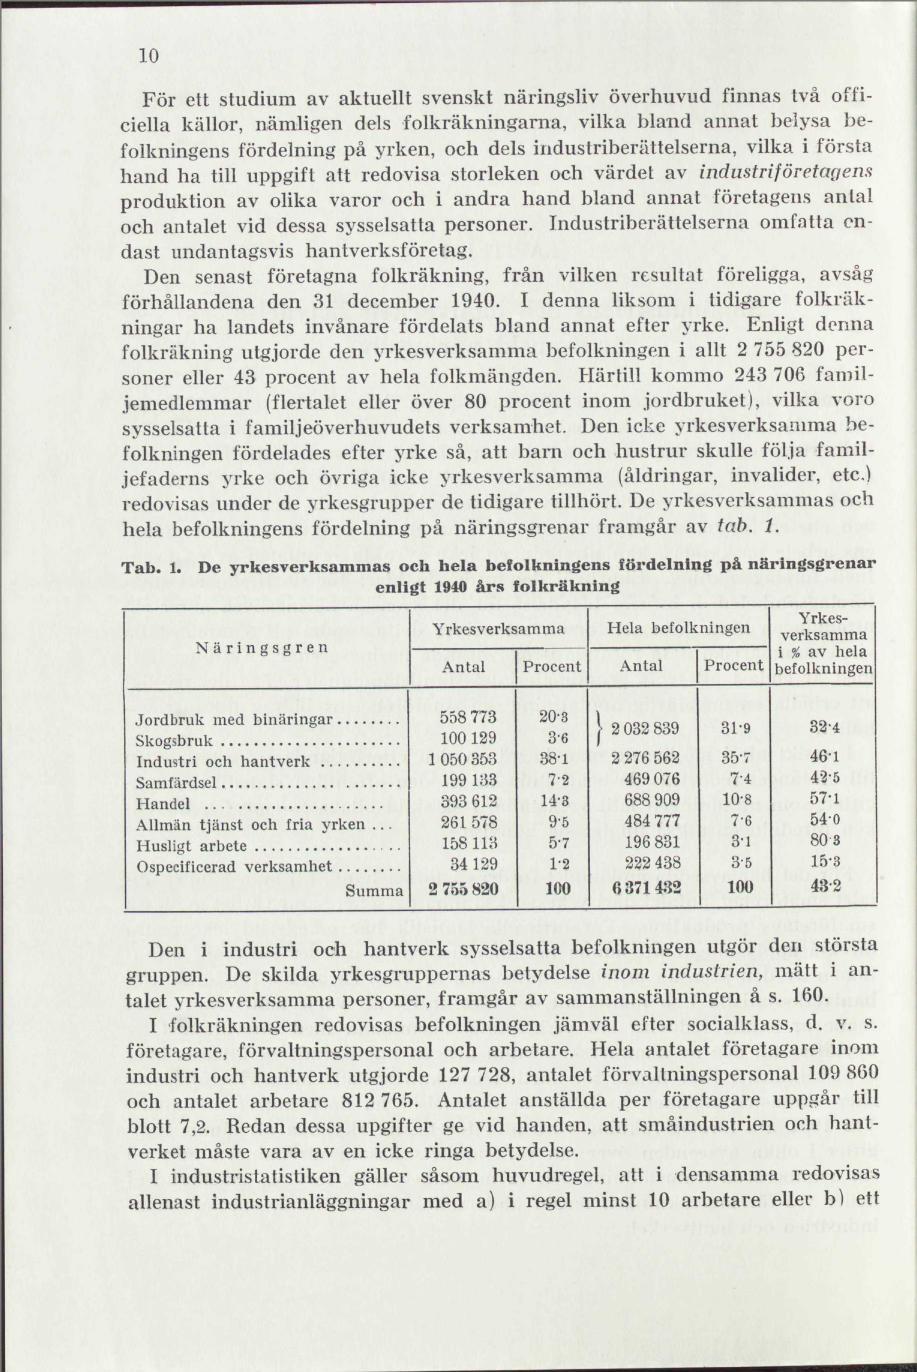 Betänkande angående hantverkets och småindustriens befrämjande ... 6f24595057557